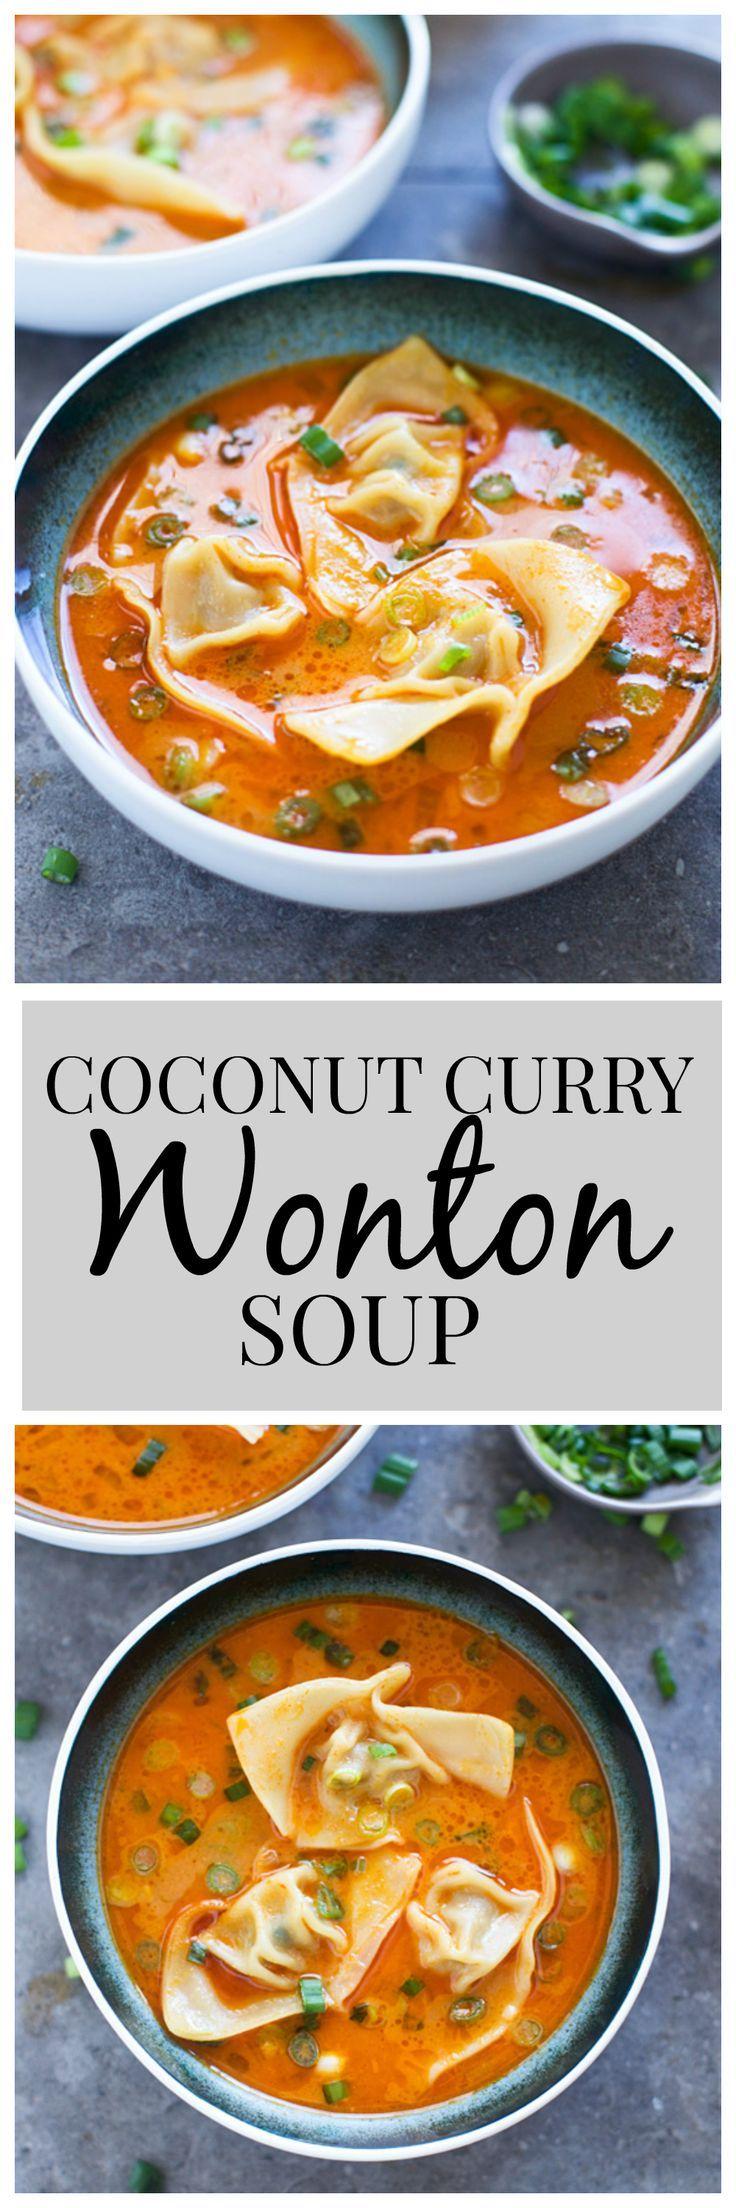 Coconut Curry Wonton Soup